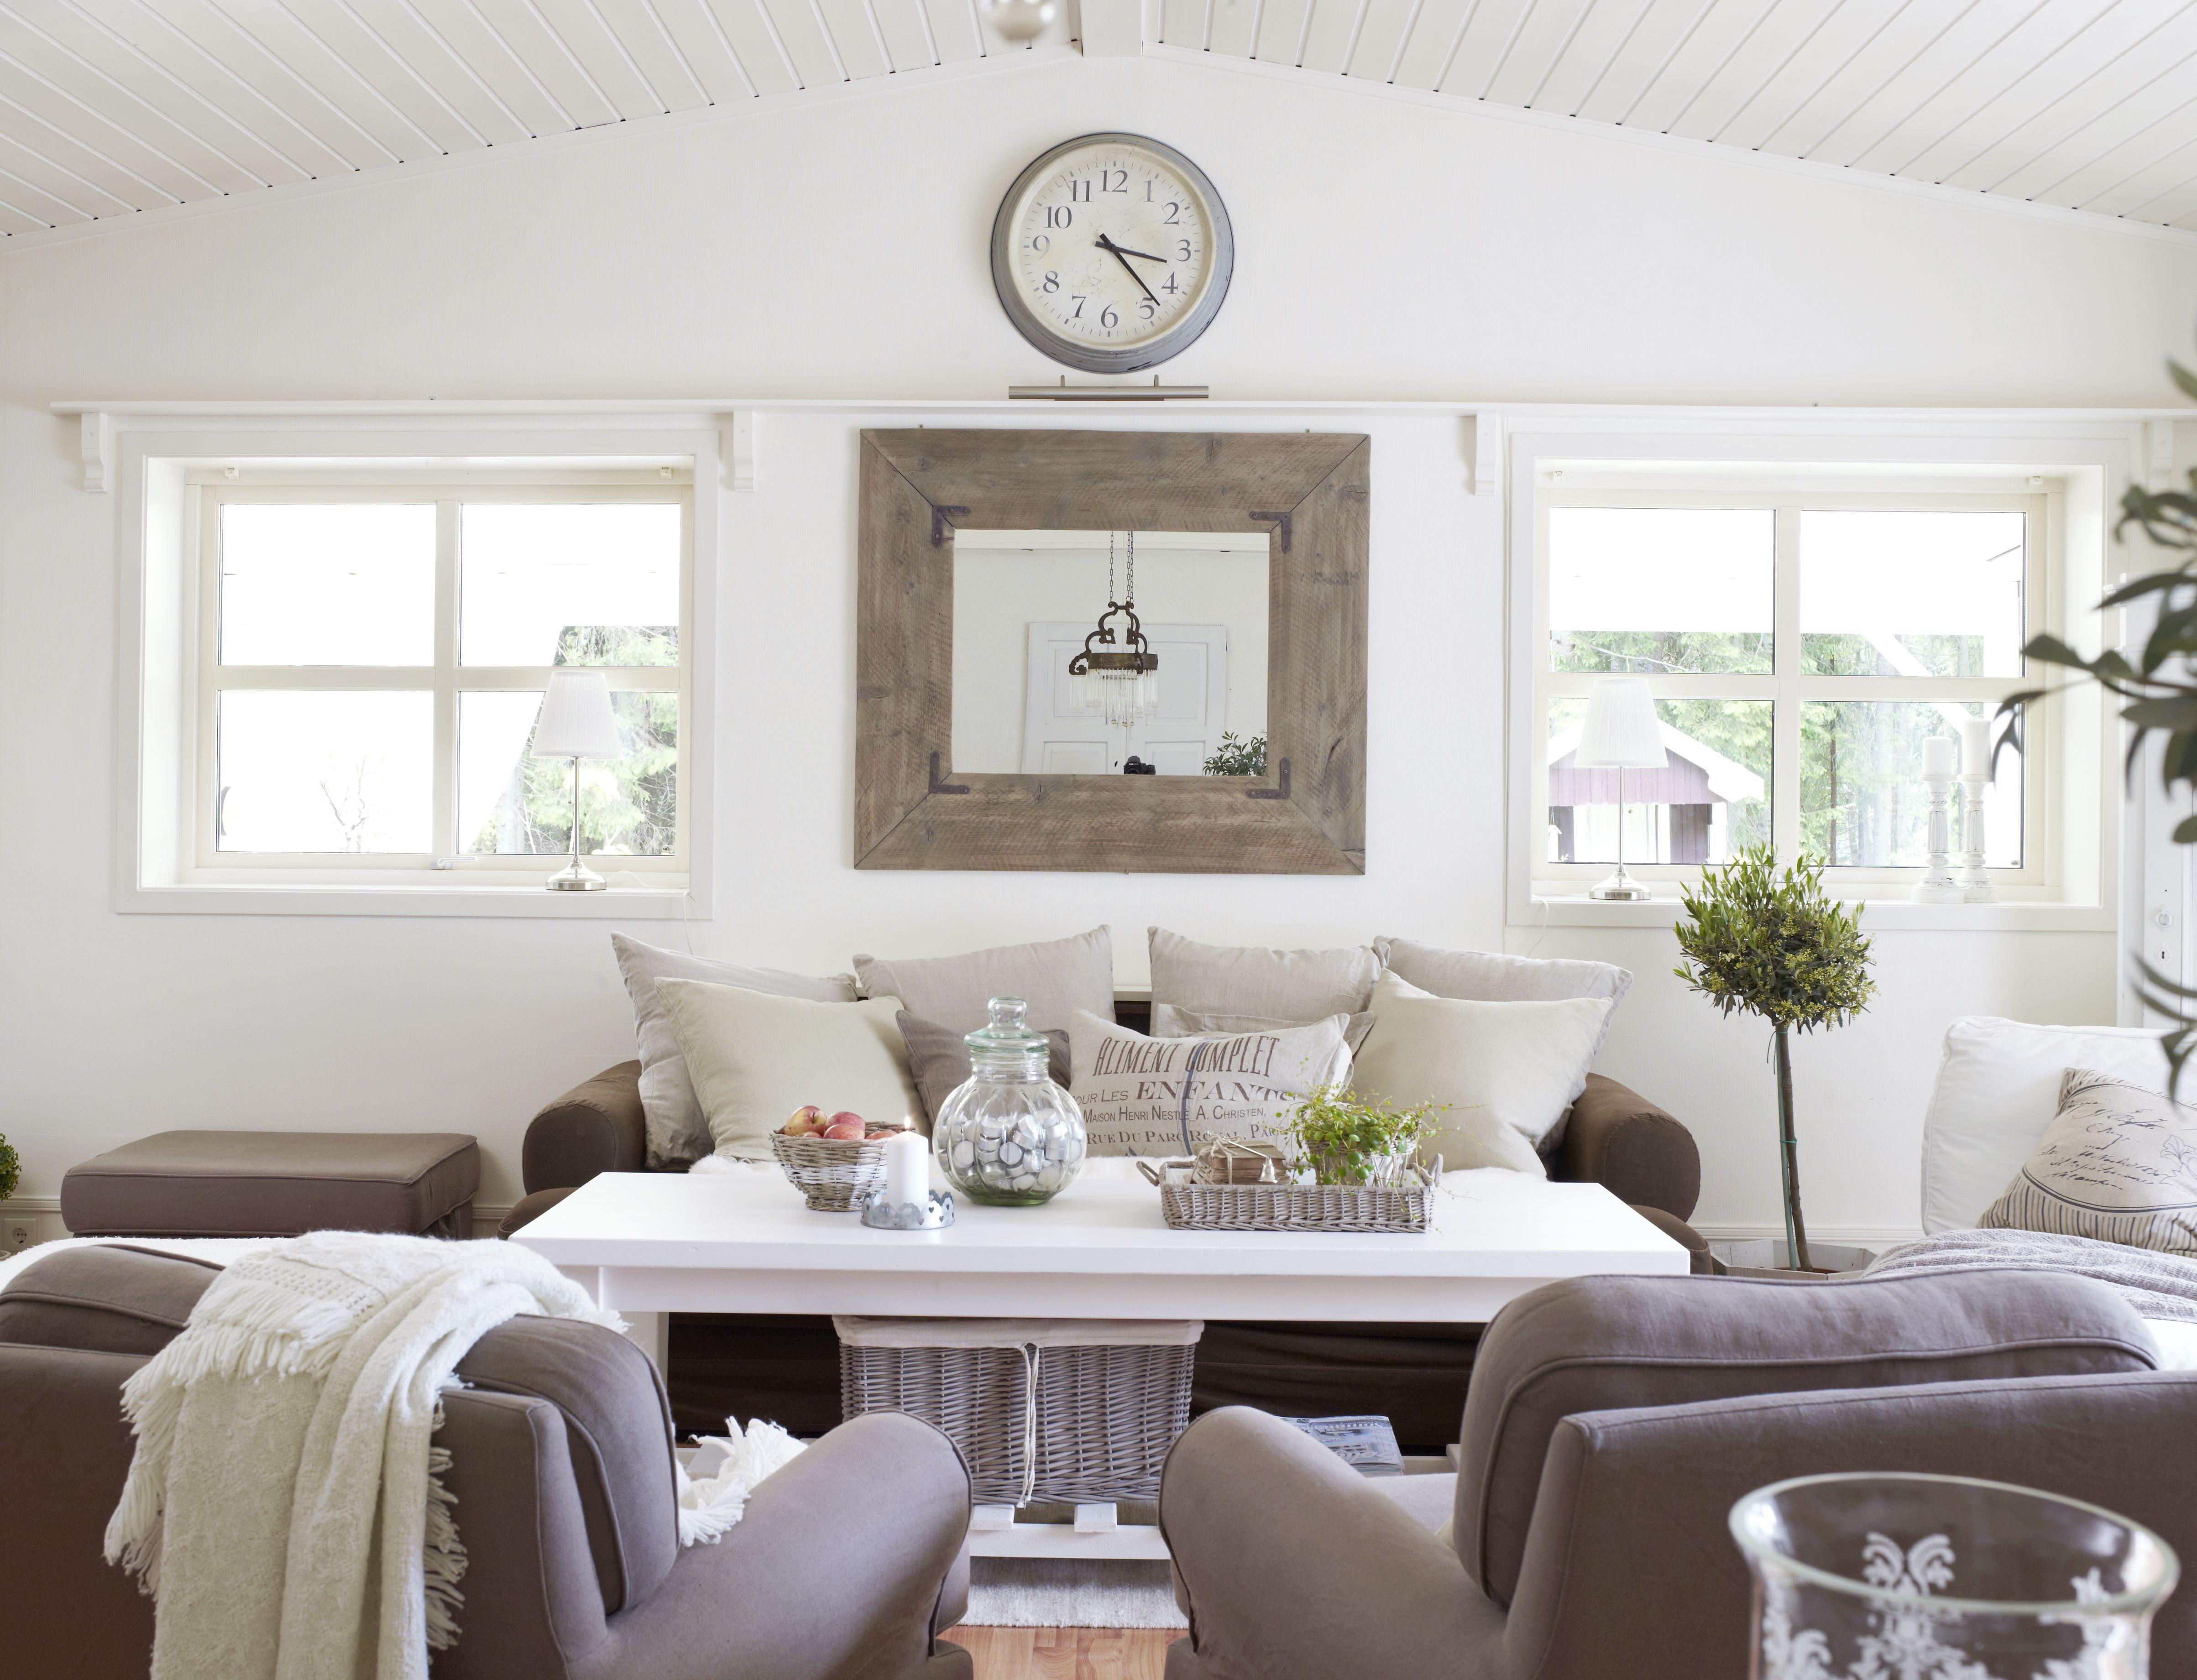 Идея интерьера для маленькой квартиры